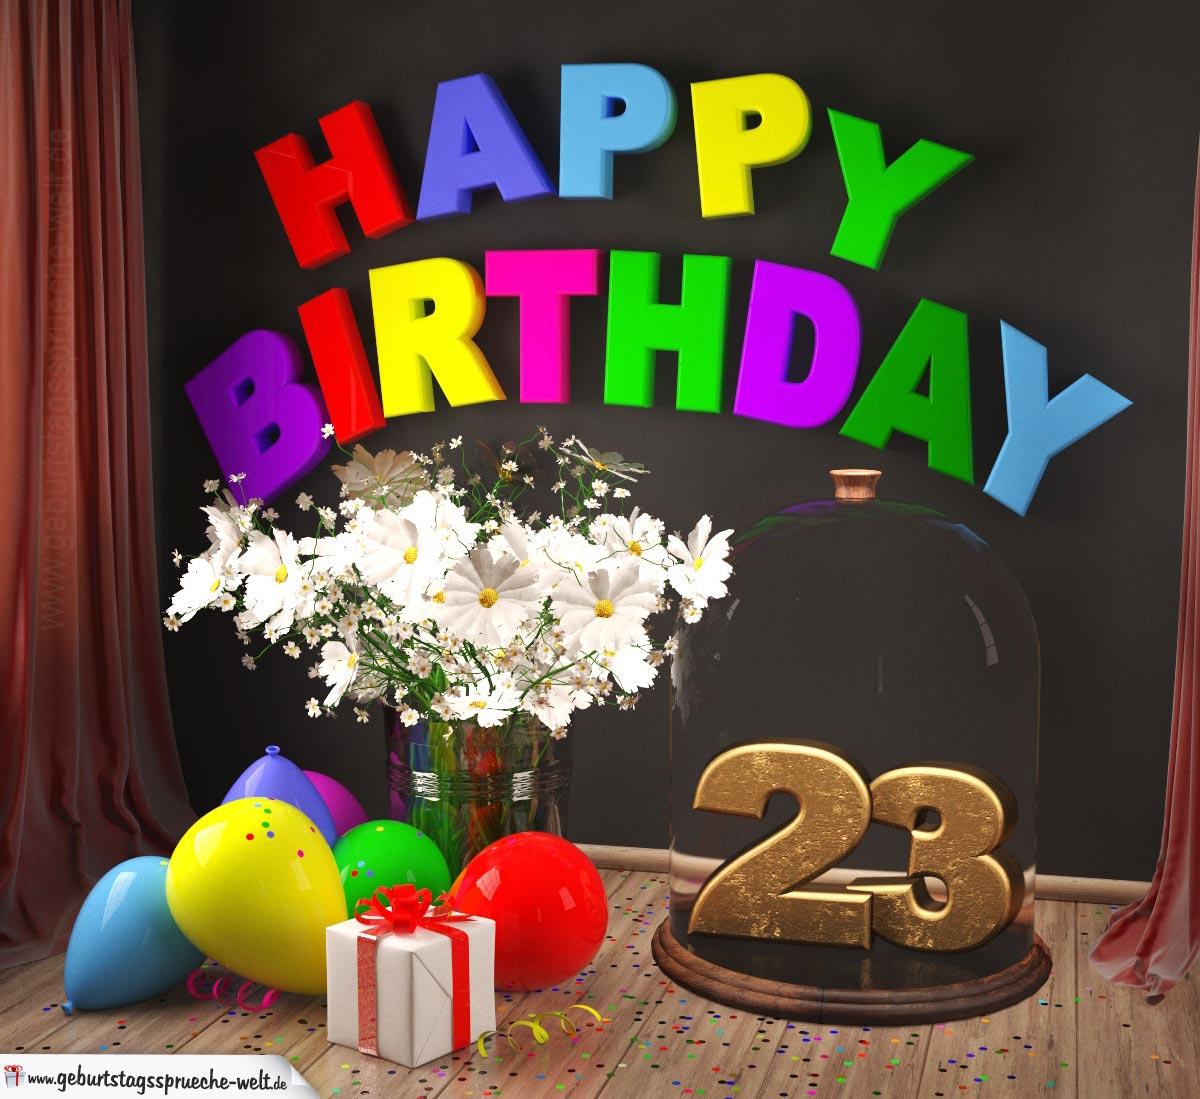 Happy Birthday 23 Jahre Glückwunschkarte mit Margeriten-Blumenstrauß, Luftballons und Geschenk unter Glasglocke